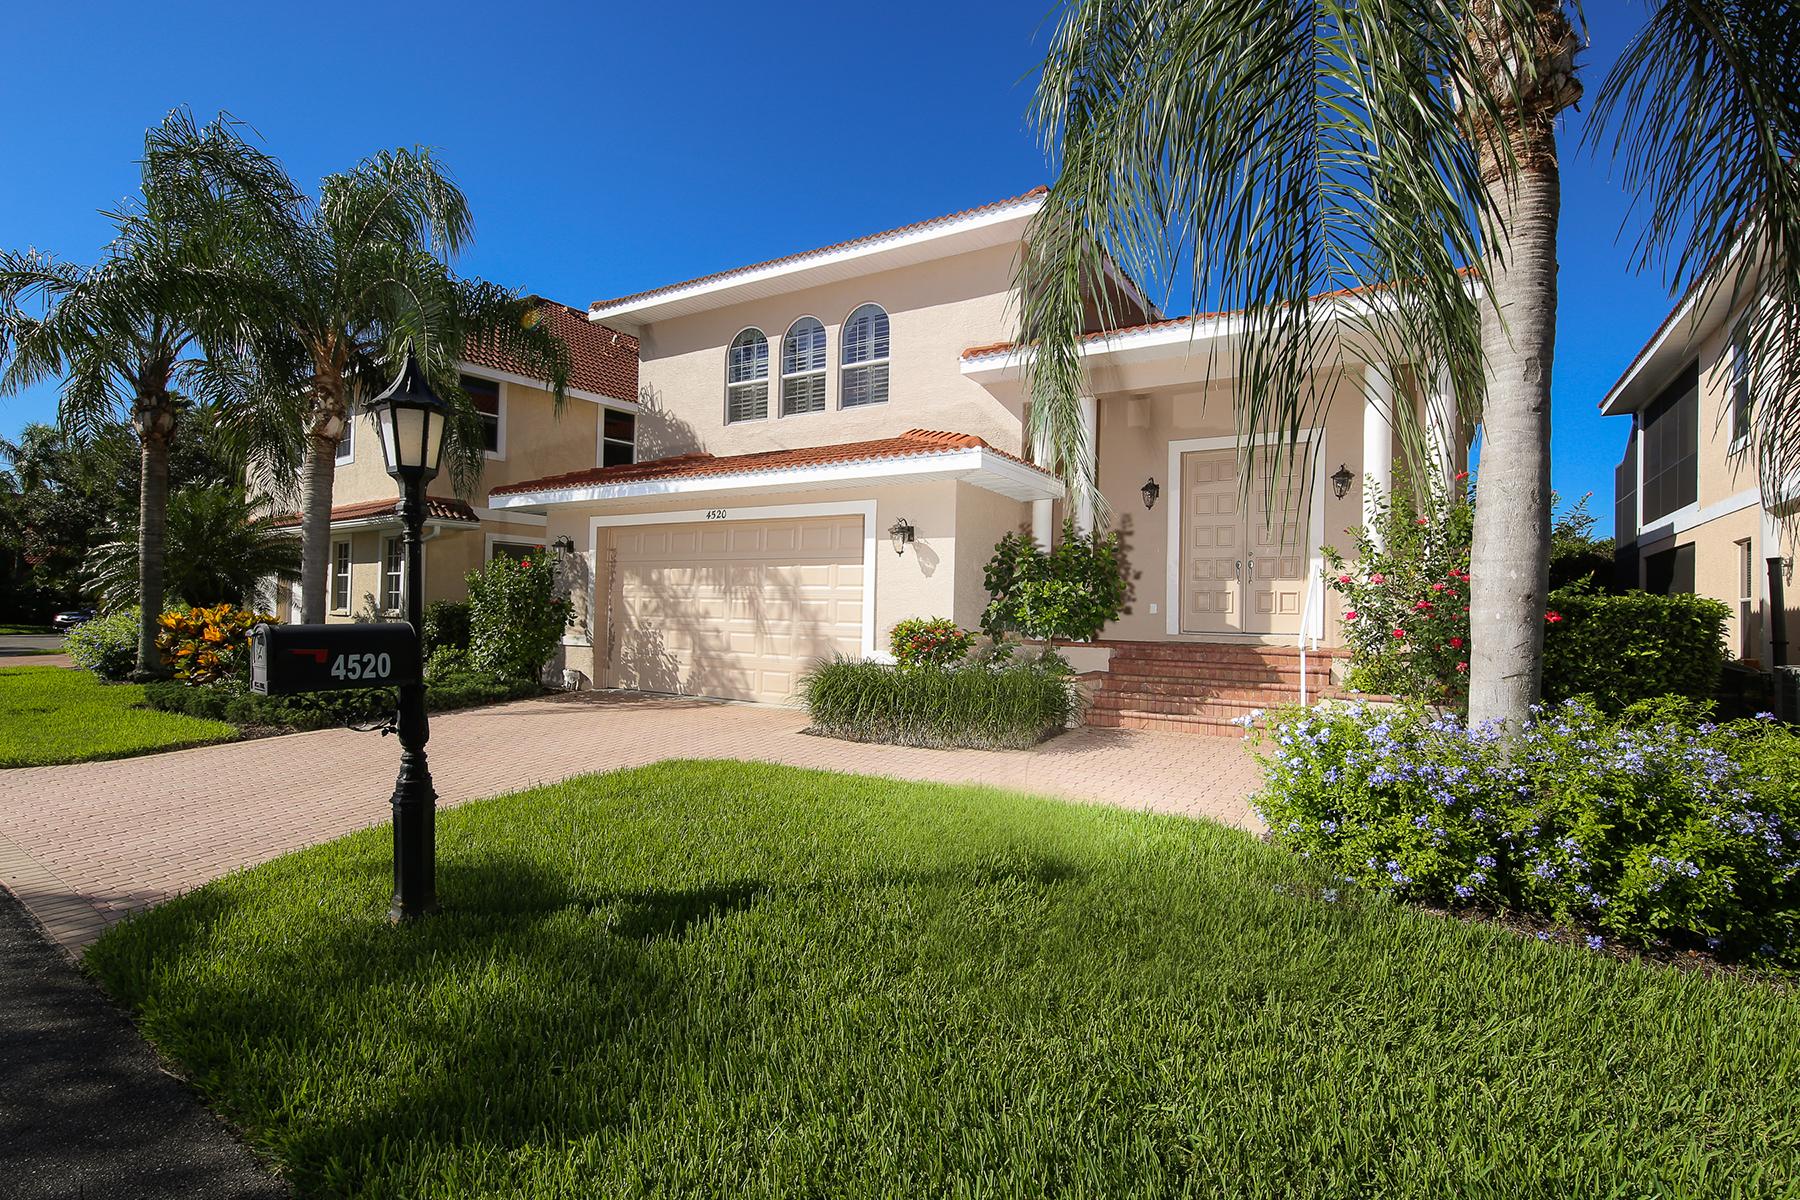 Nhà chung cư vì Bán tại PRESTANCIA 4520 Murcia Blvd 15 Sarasota, Florida, 34238 Hoa Kỳ